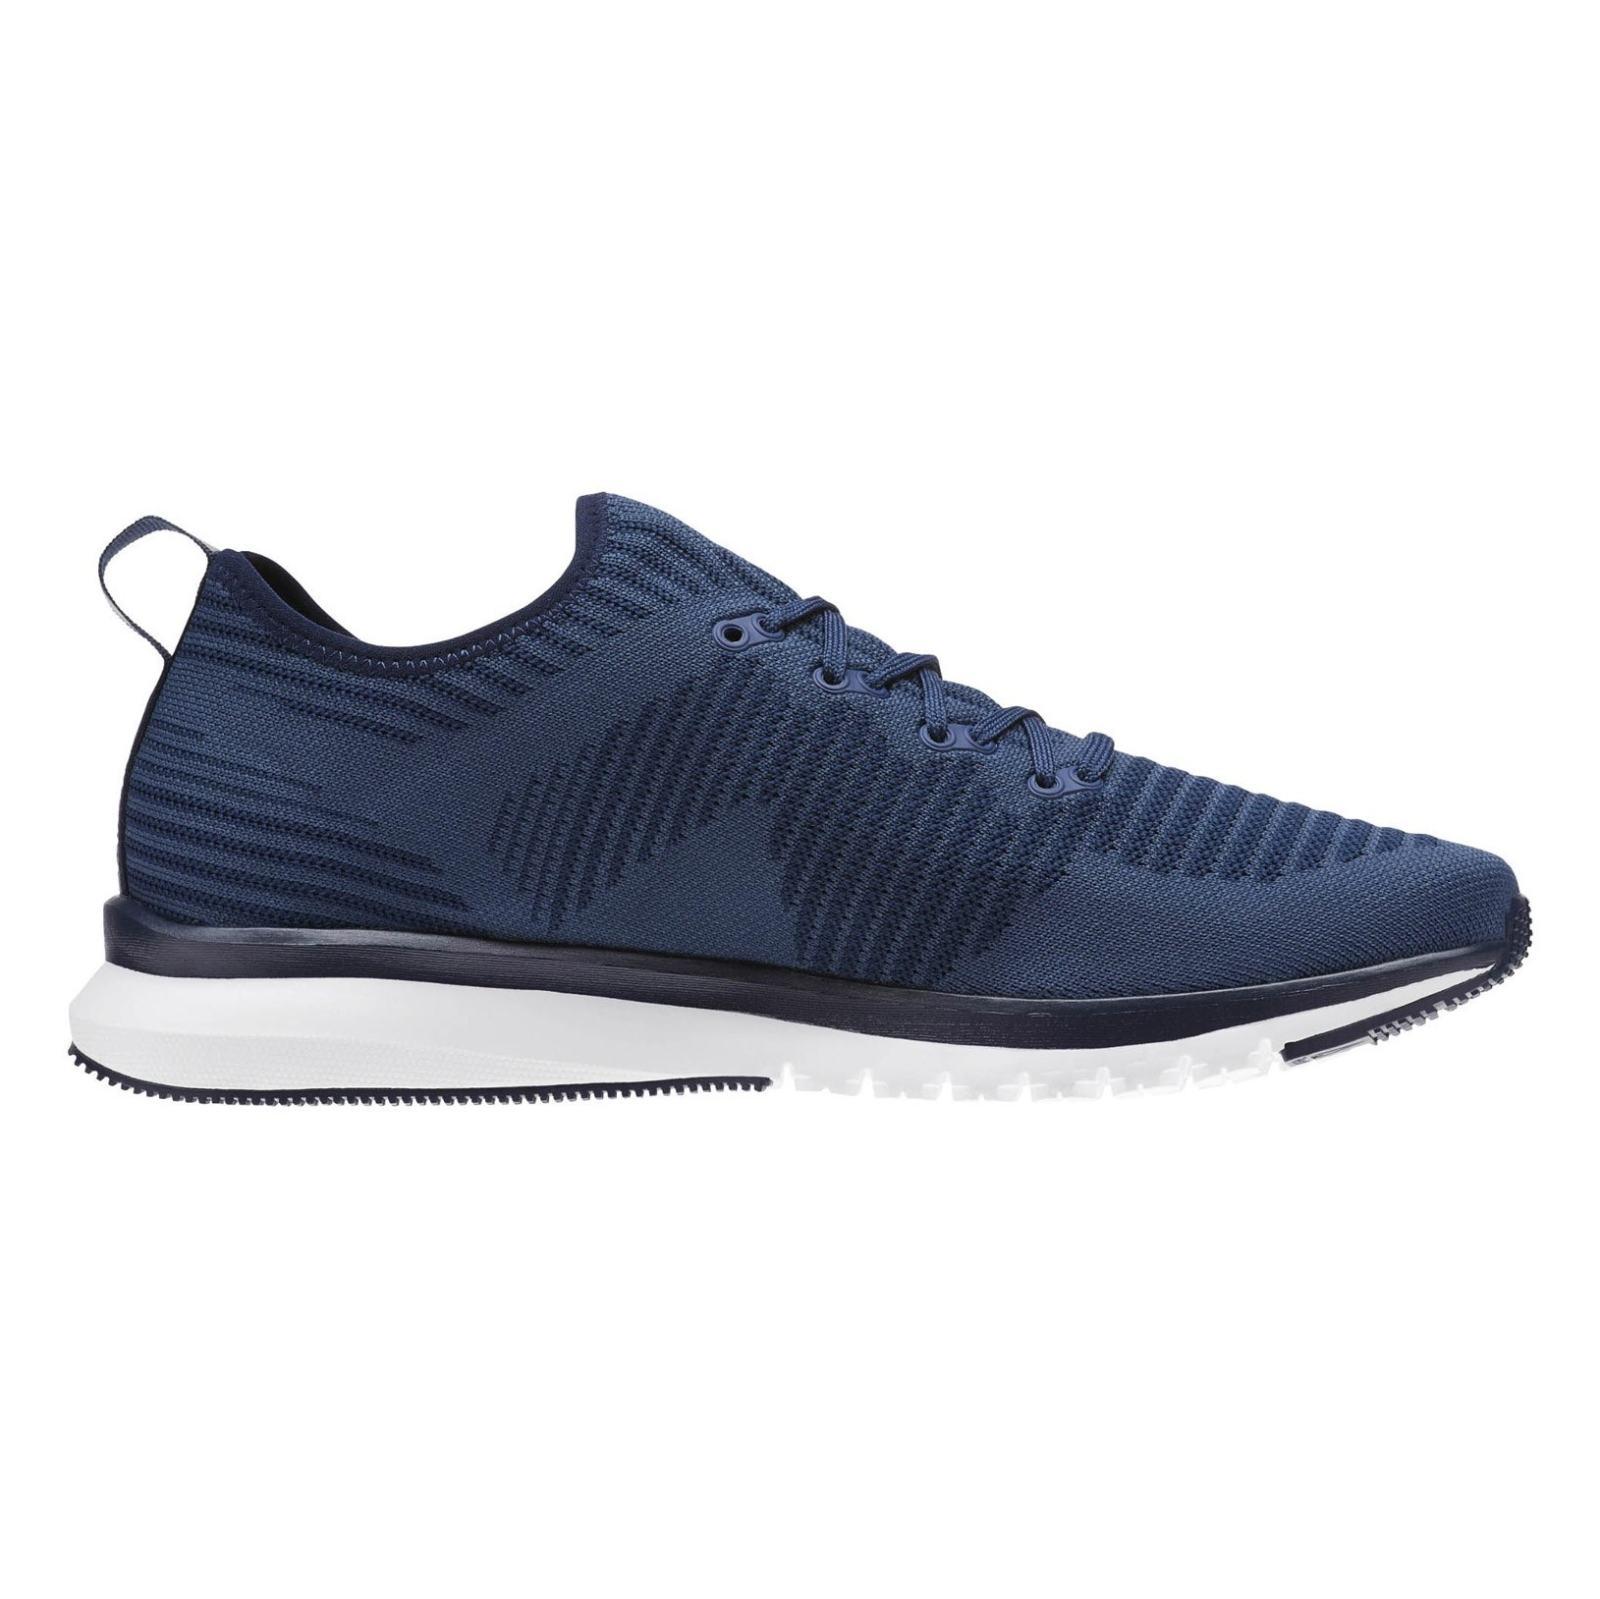 کفش مخصوص دویدن مردانه ریباک مدل Print Smooth 2.0 ULTK - آبي تيره  - 1